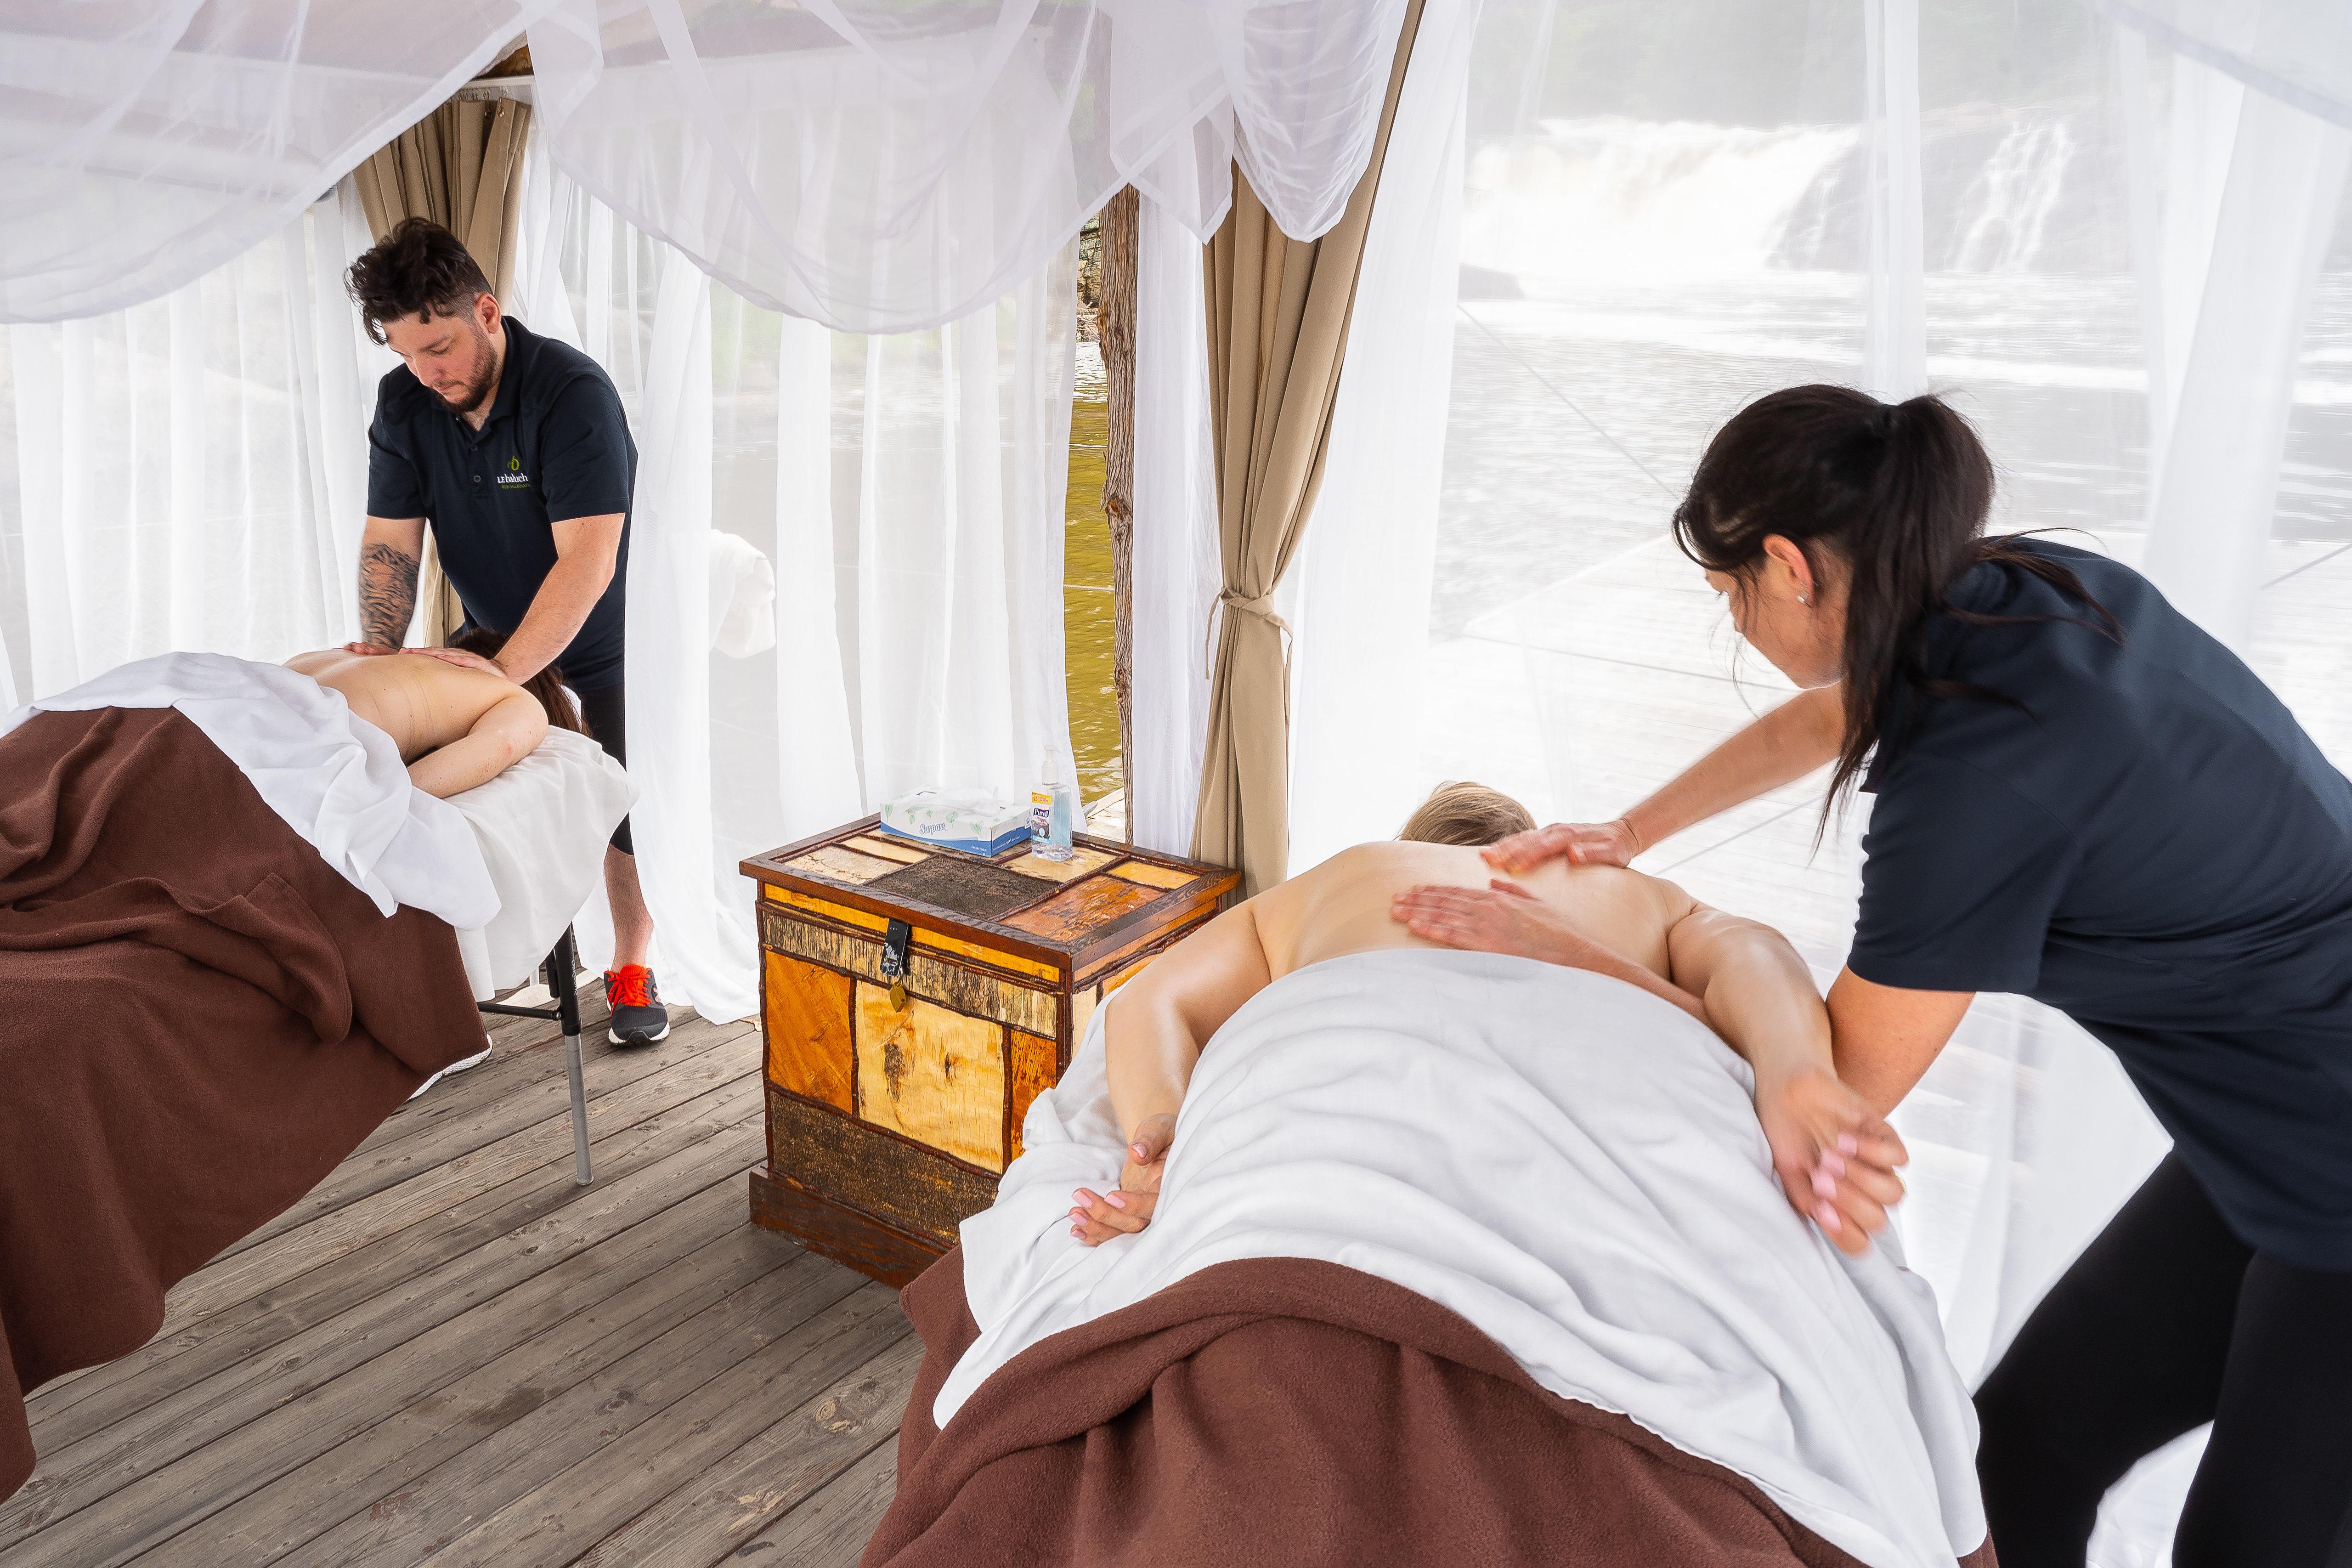 Soins de détente en massothérapie, soins esthétique et corporel ainsi que piscine et bains nordiques au SPA santé situé en Mauricie